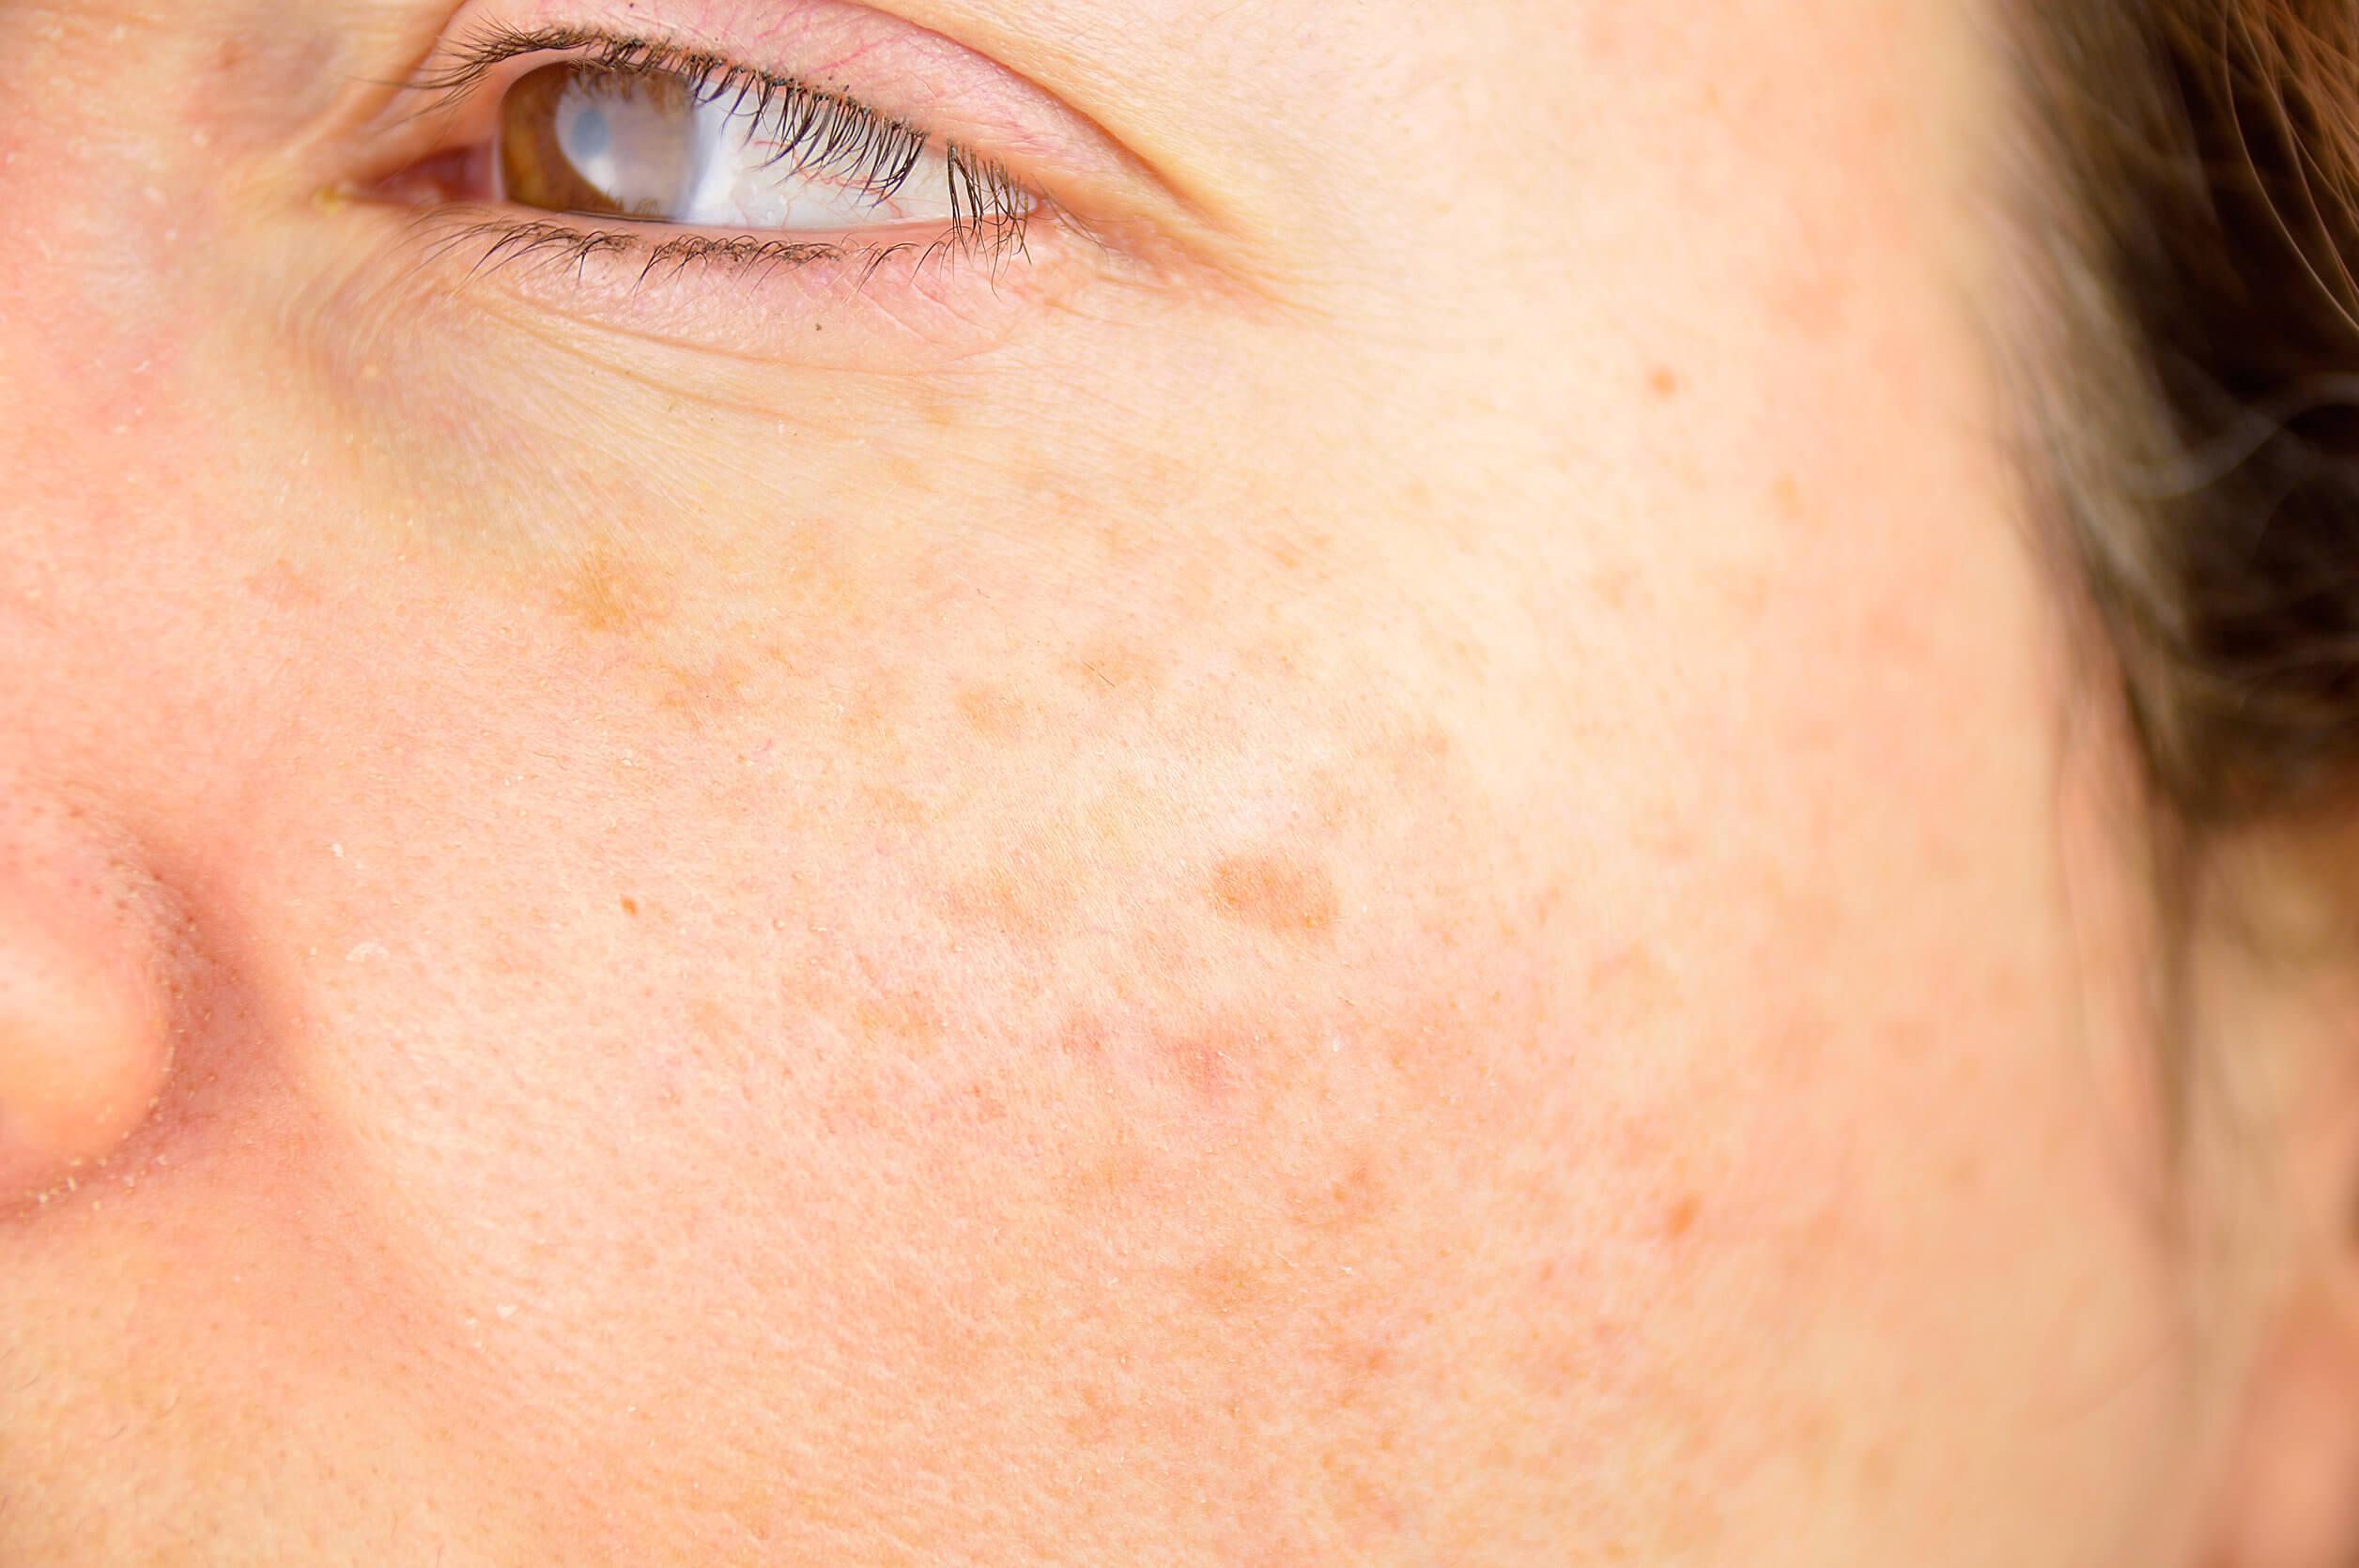 Manchas en la piel: tipos, causas y tratamiento